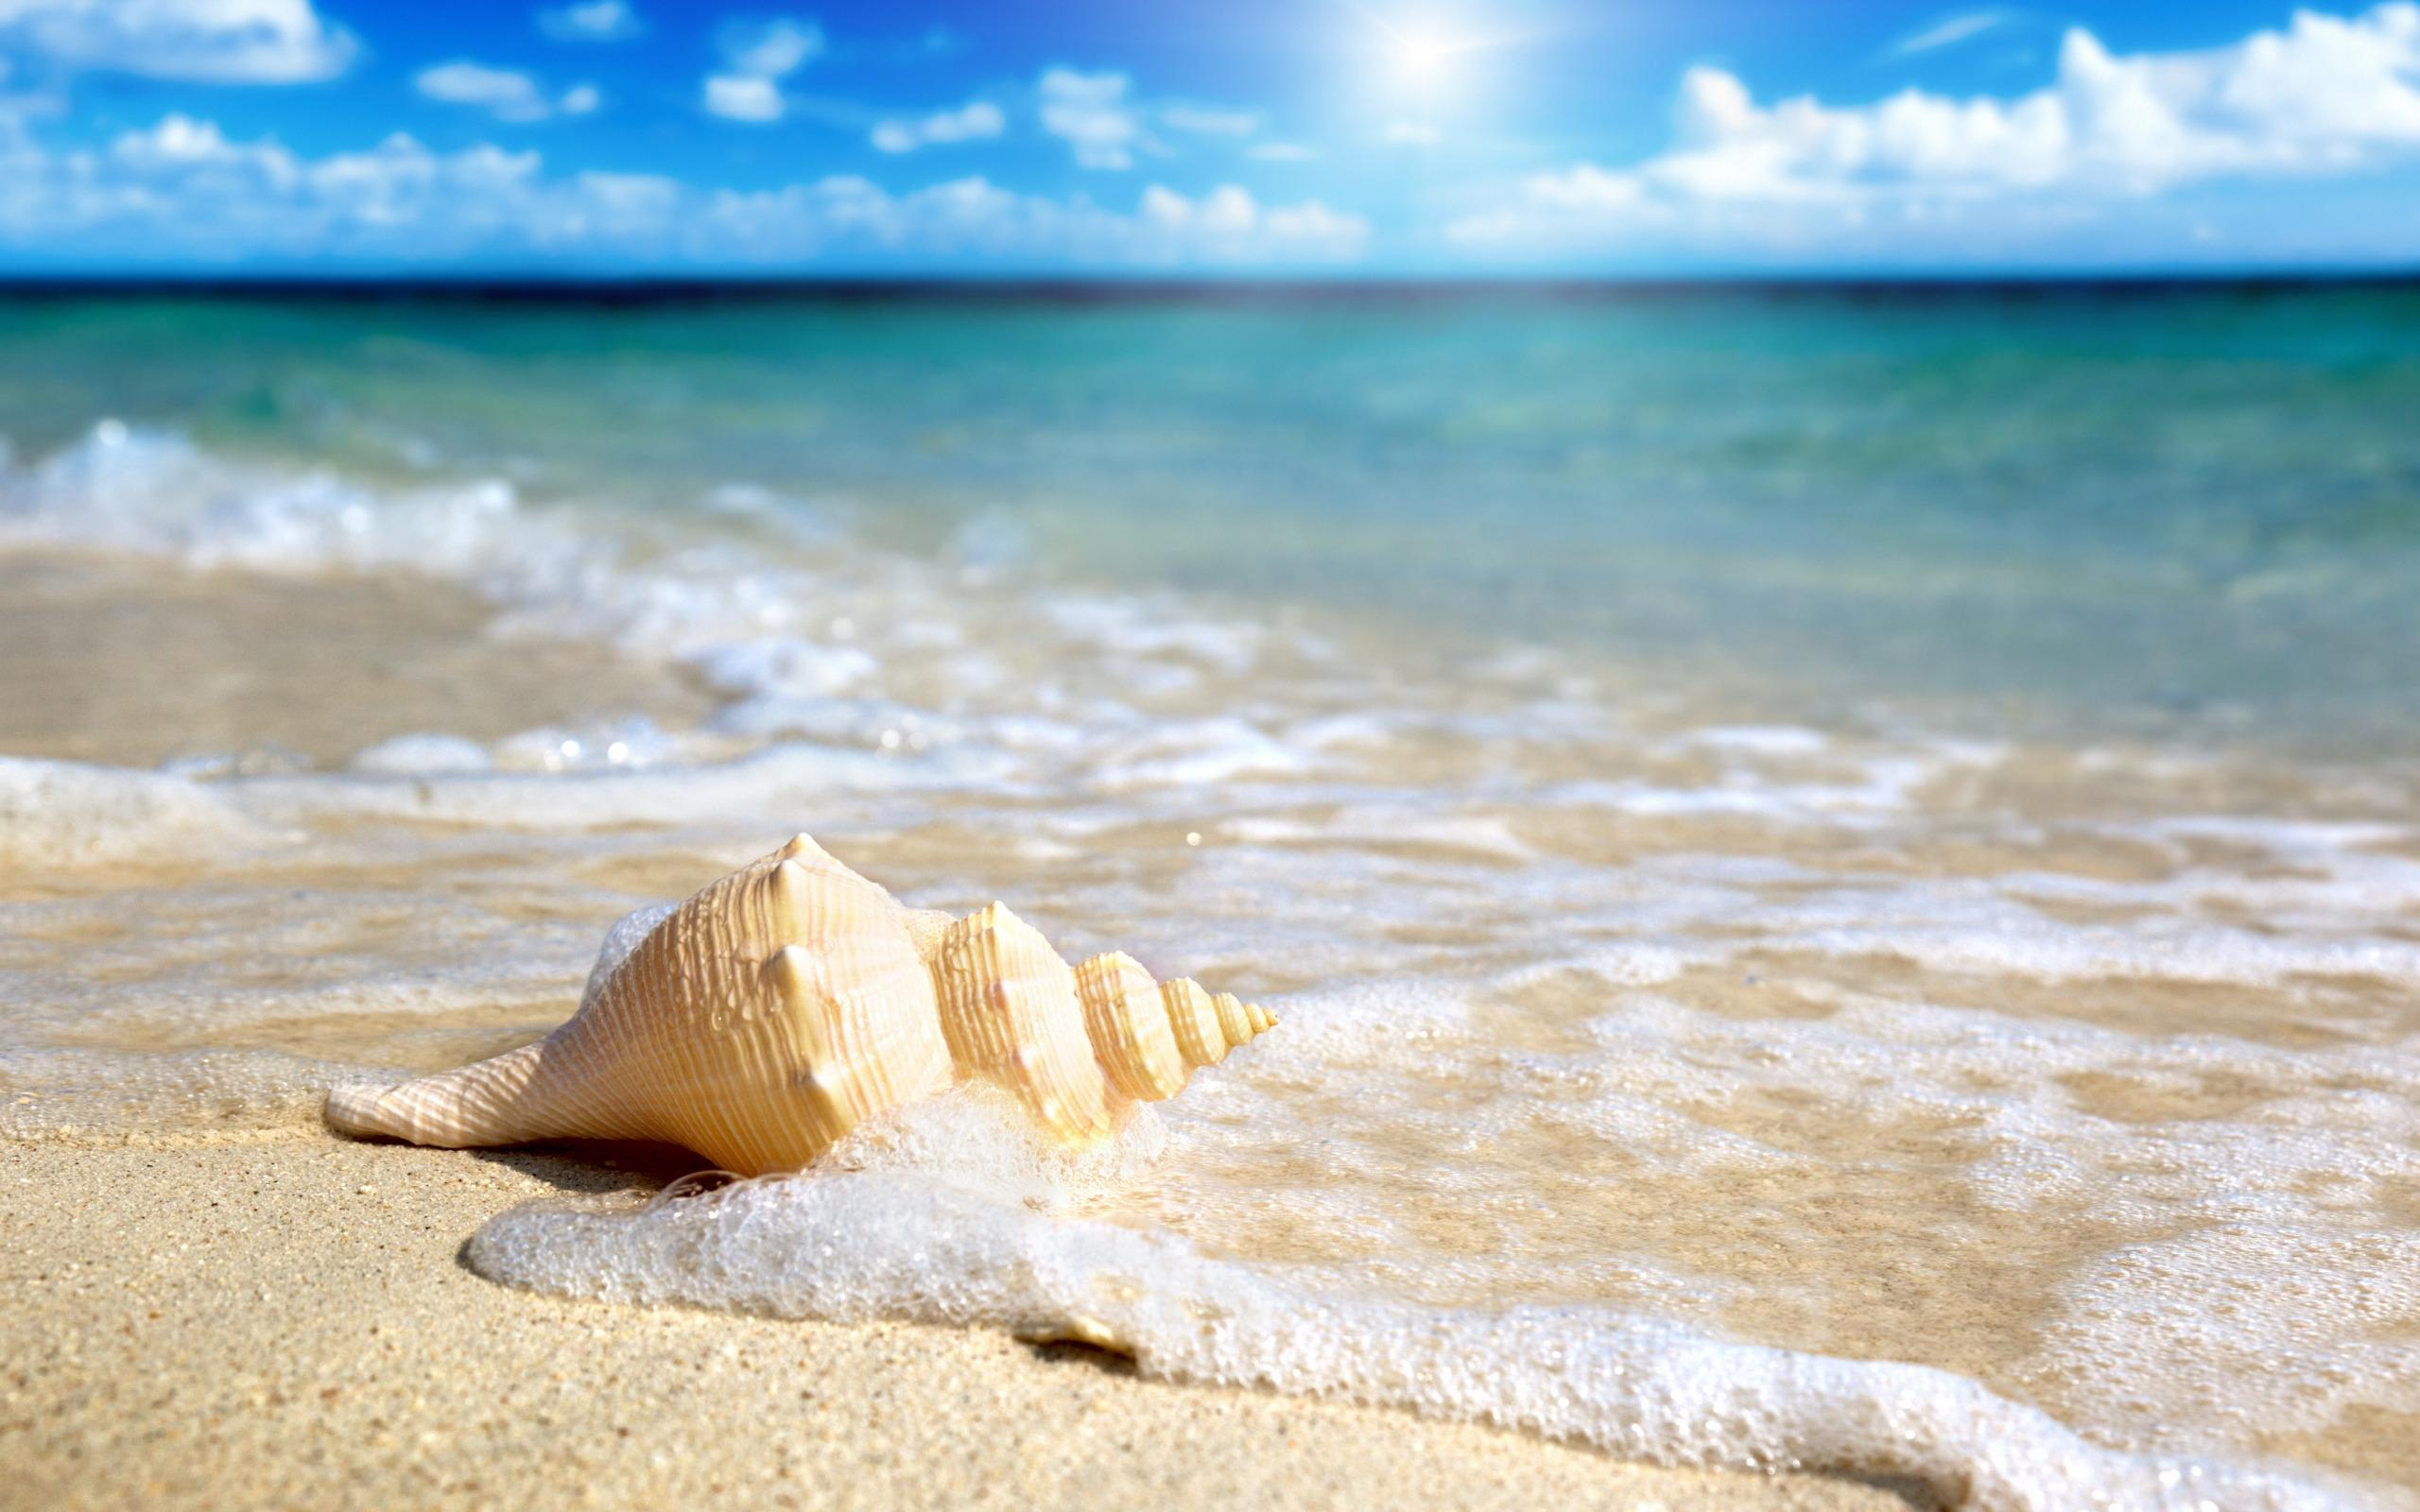 фото море солнце песок более слабы нуждаются